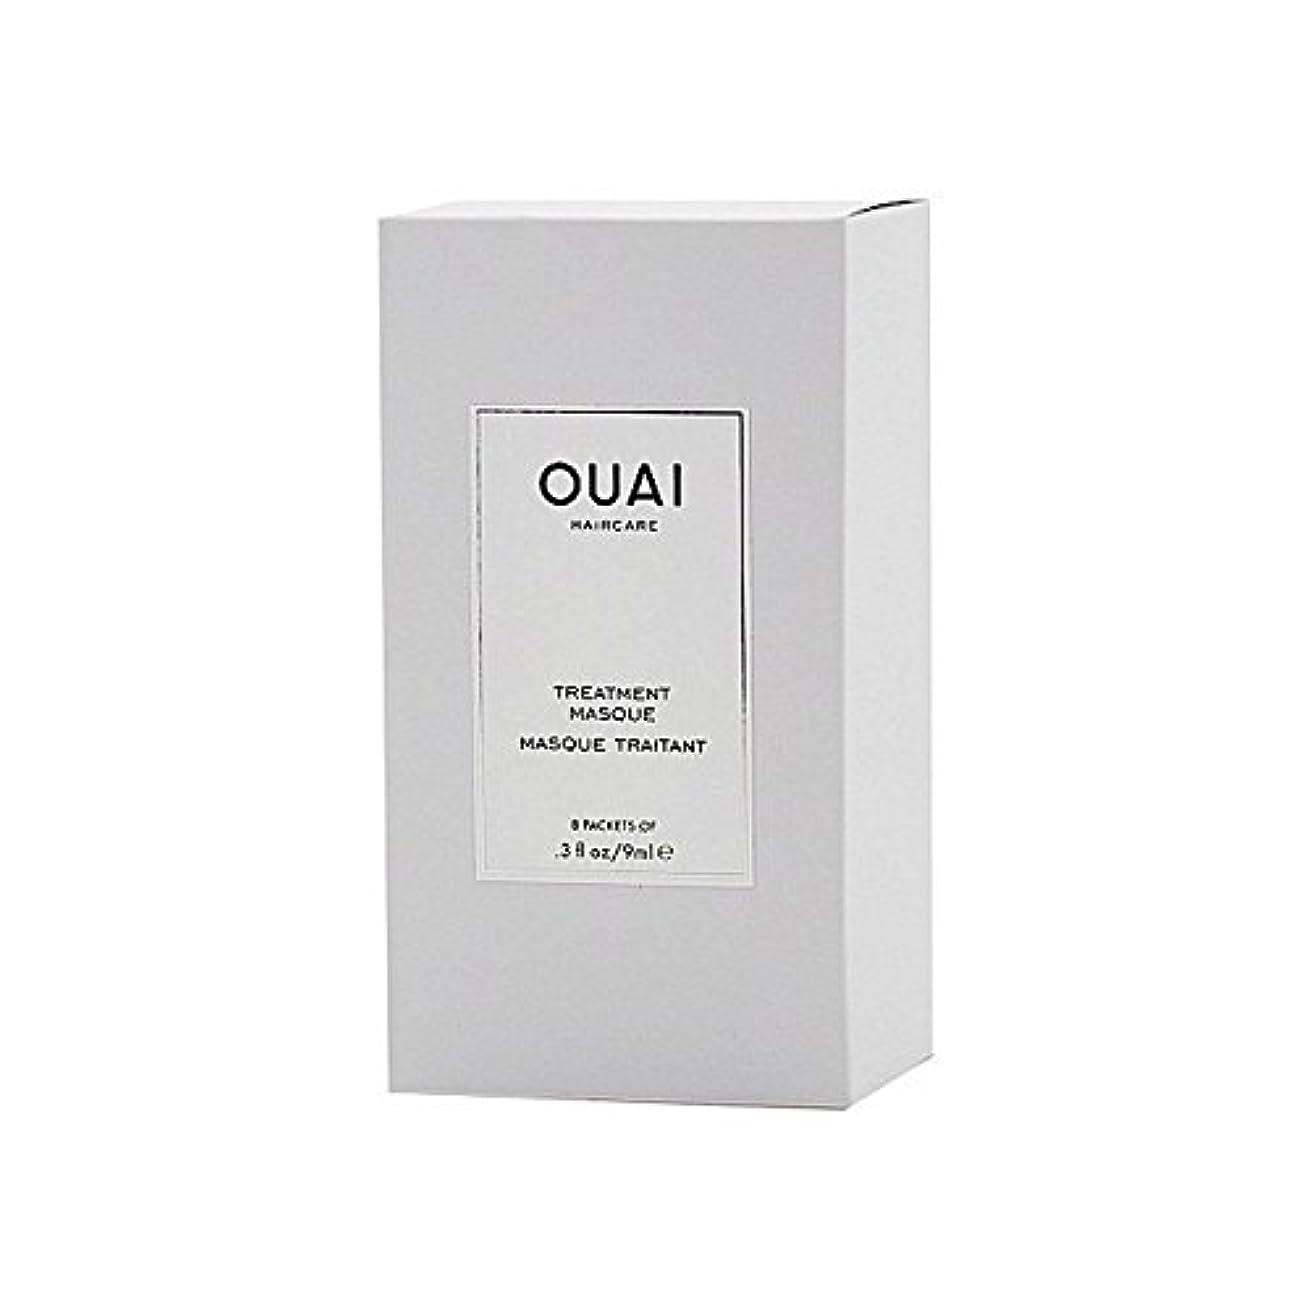 吸収エールオーチャードOuai Treatment Masque 8 X 9ml (Pack of 6) - トリートメントマスク8×9ミリリットル x6 [並行輸入品]